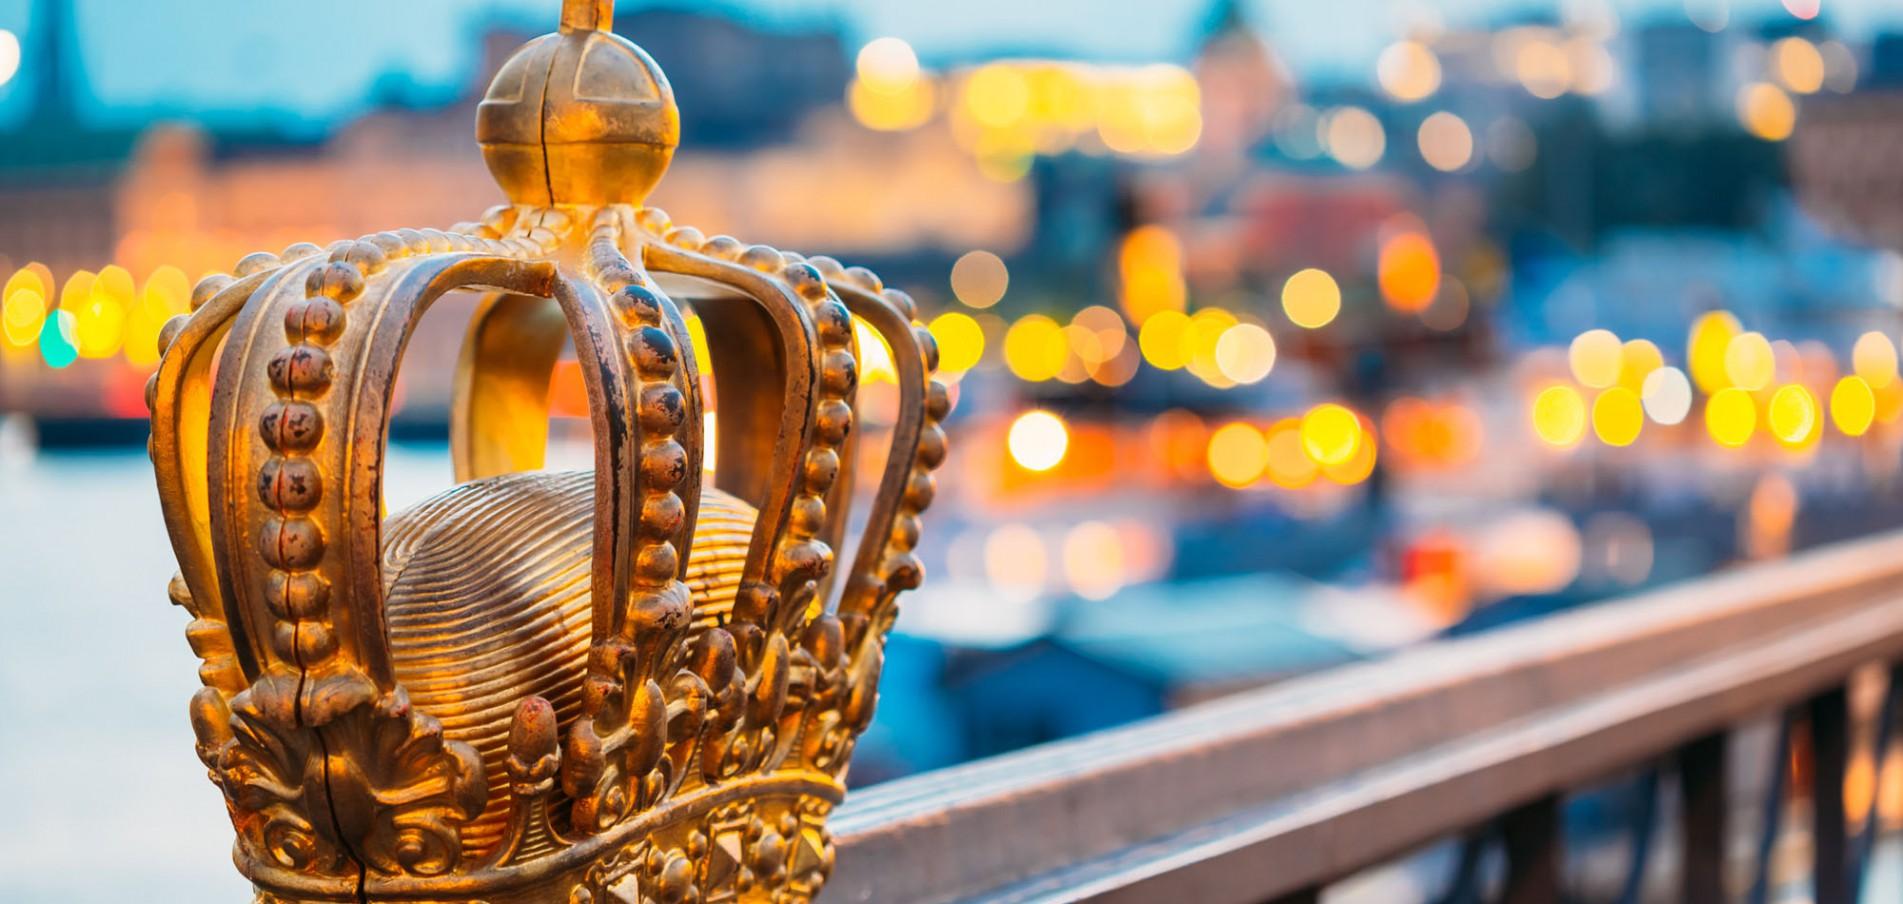 Willkommen in Stockholm ... dem Venedig des Nordens.!